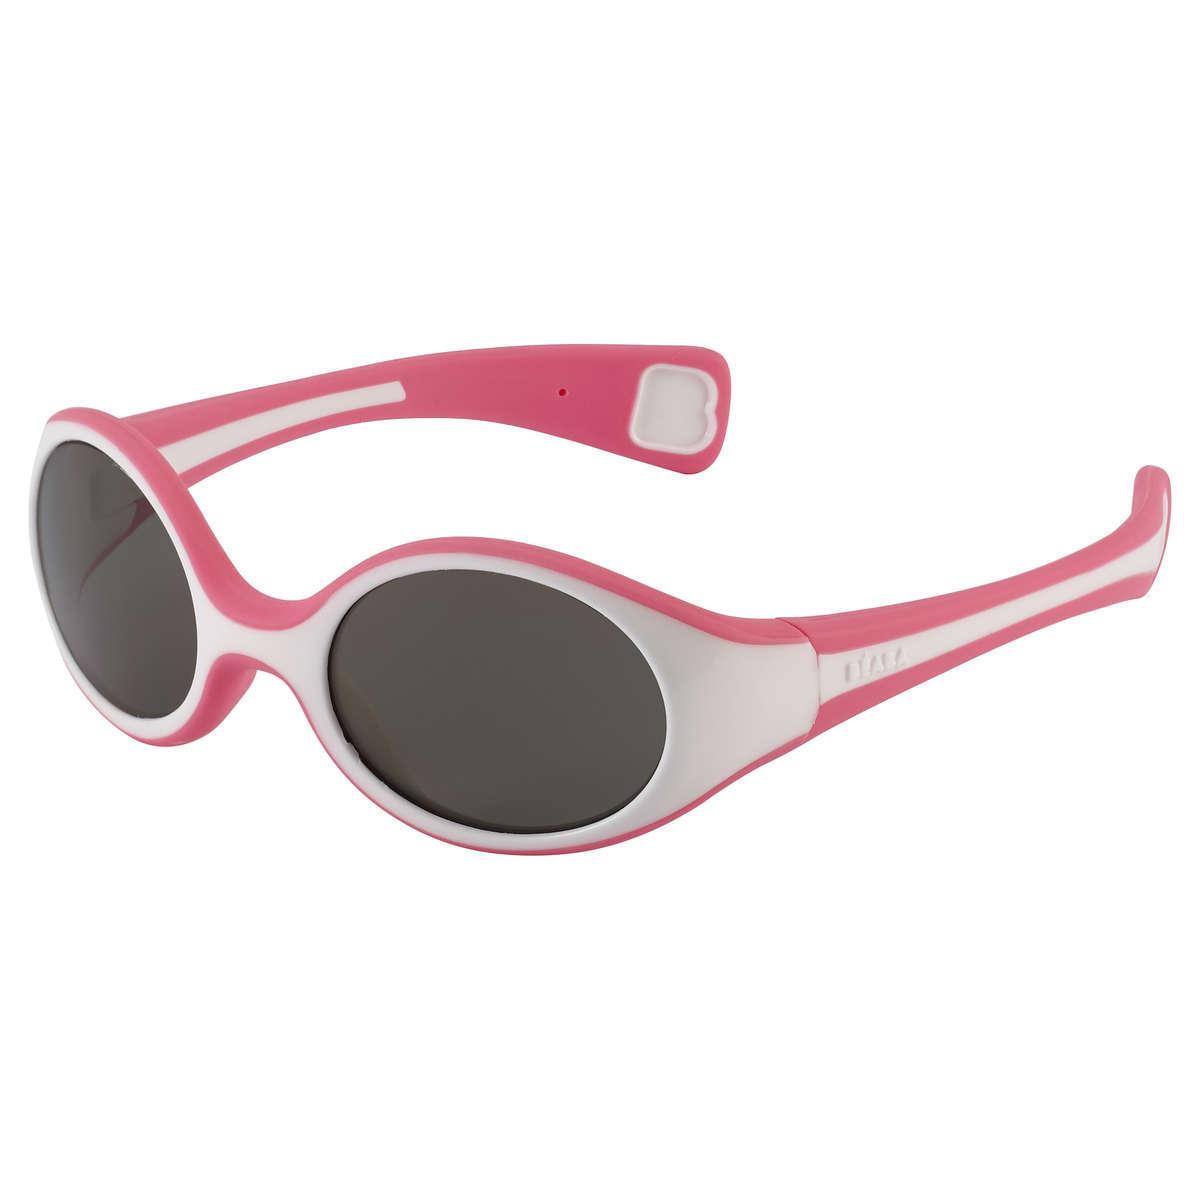 Accessoires bébé Lunettes de soleil Baby 360° S Pink Lunettes de soleil Baby 360° S Pink